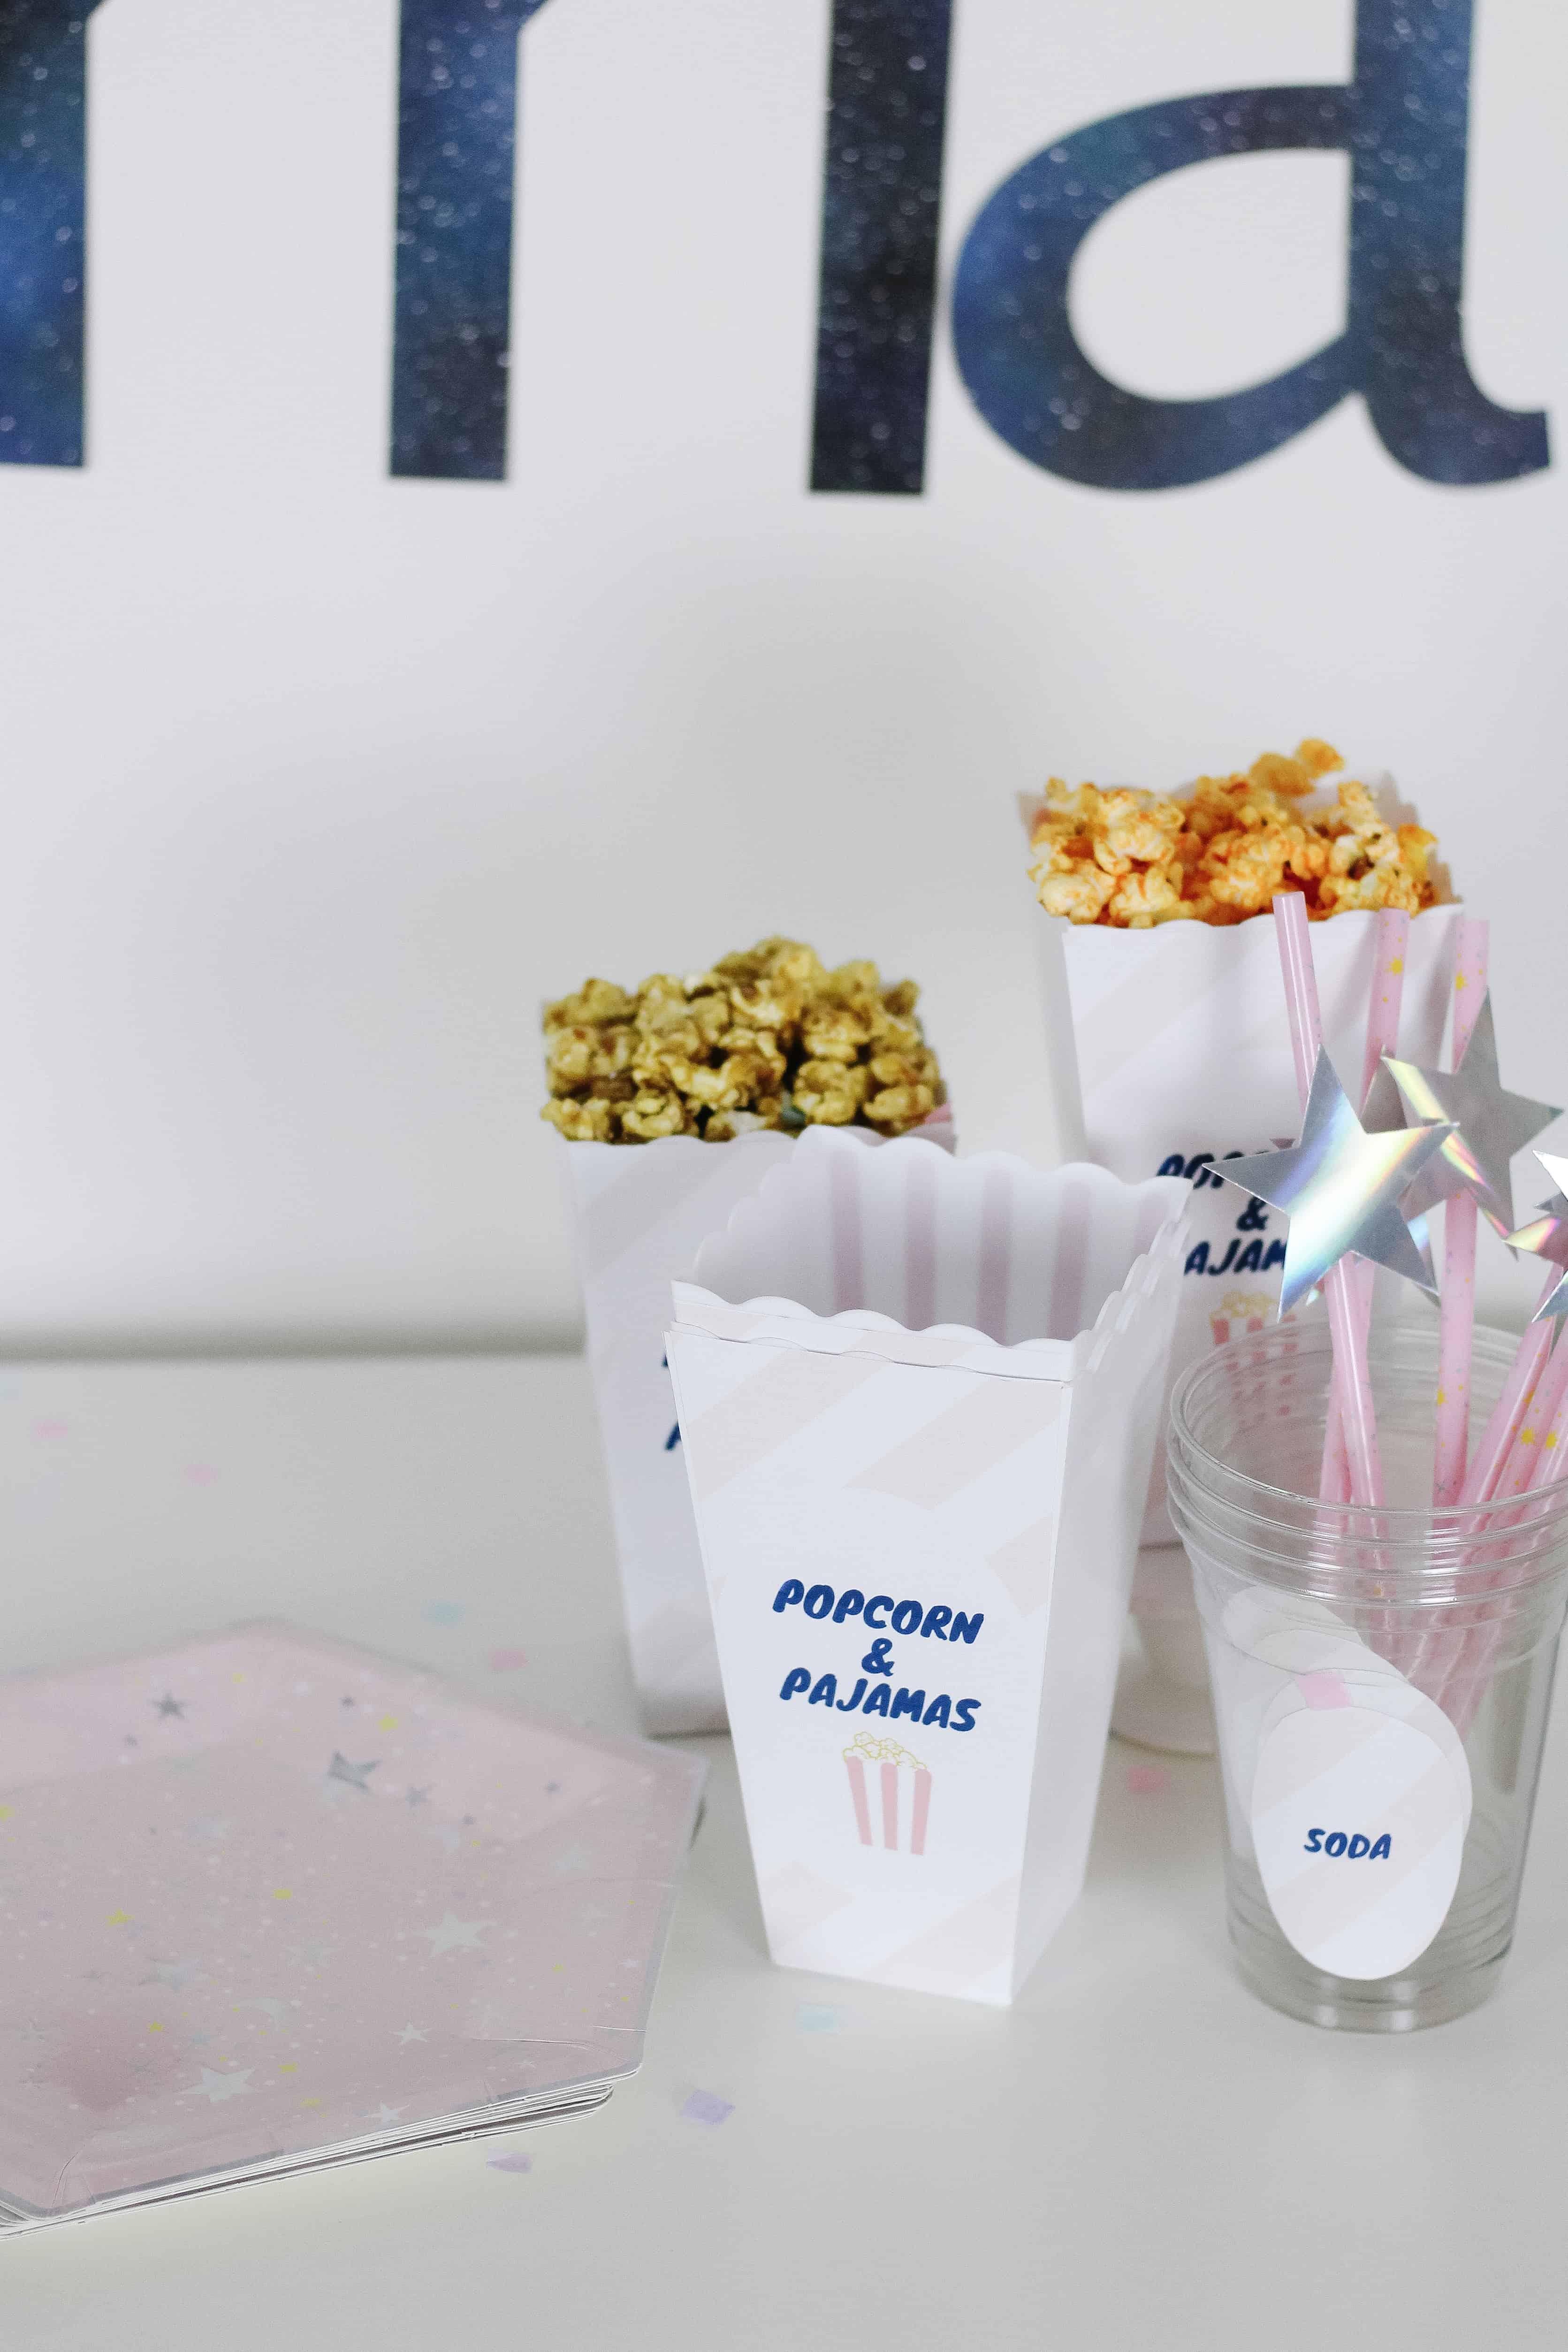 Popcorn and Pajamas items